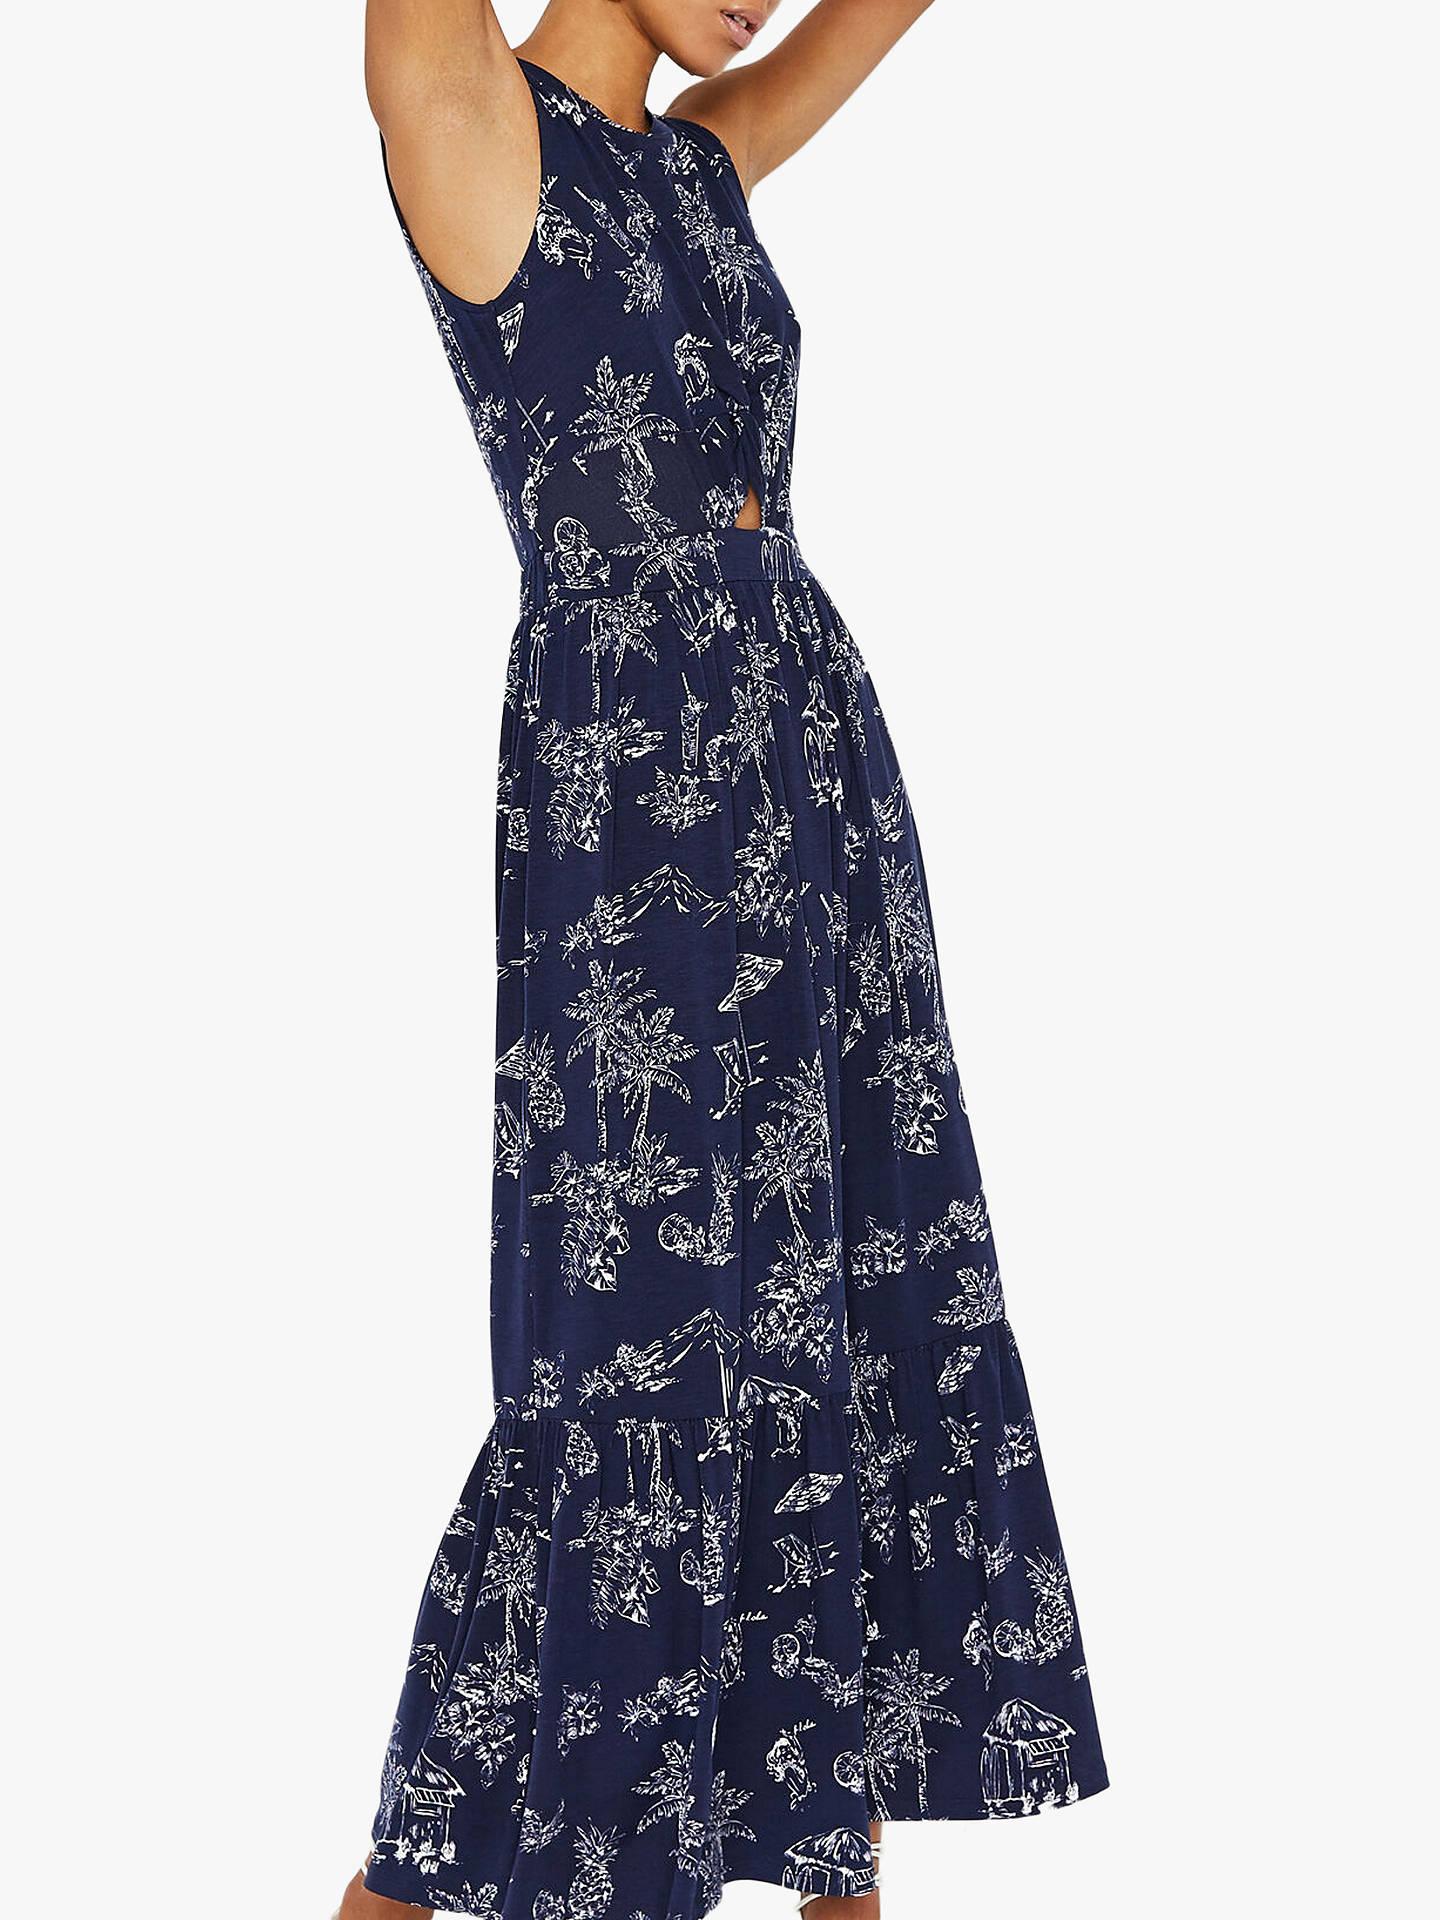 Warehouse Aloha Tiered Maxi Dress, Navy